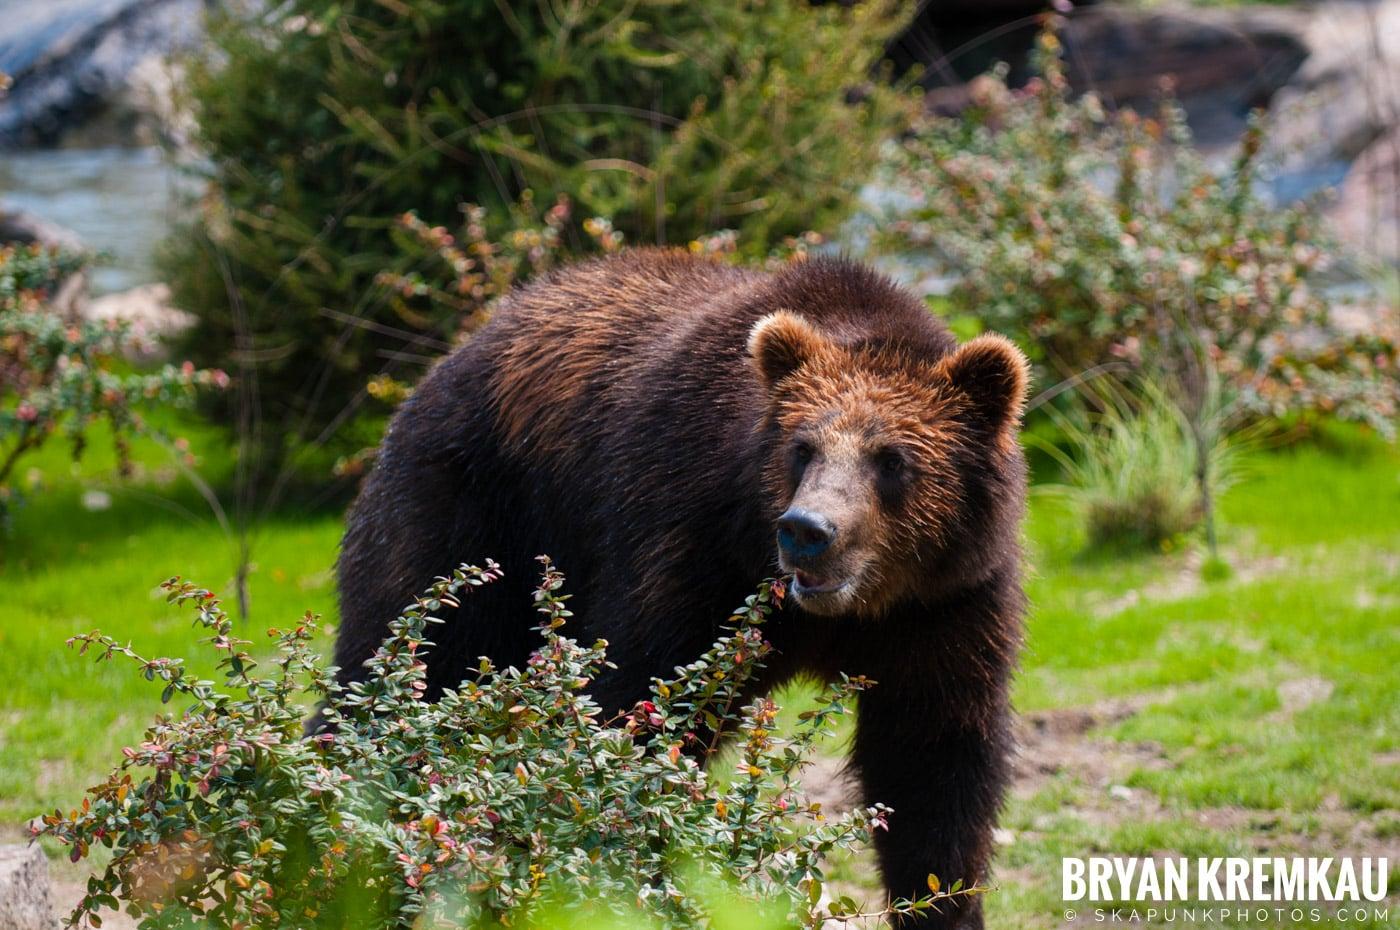 The Bronx Zoo @ Bronx, NYC - 5.7.11 (51)